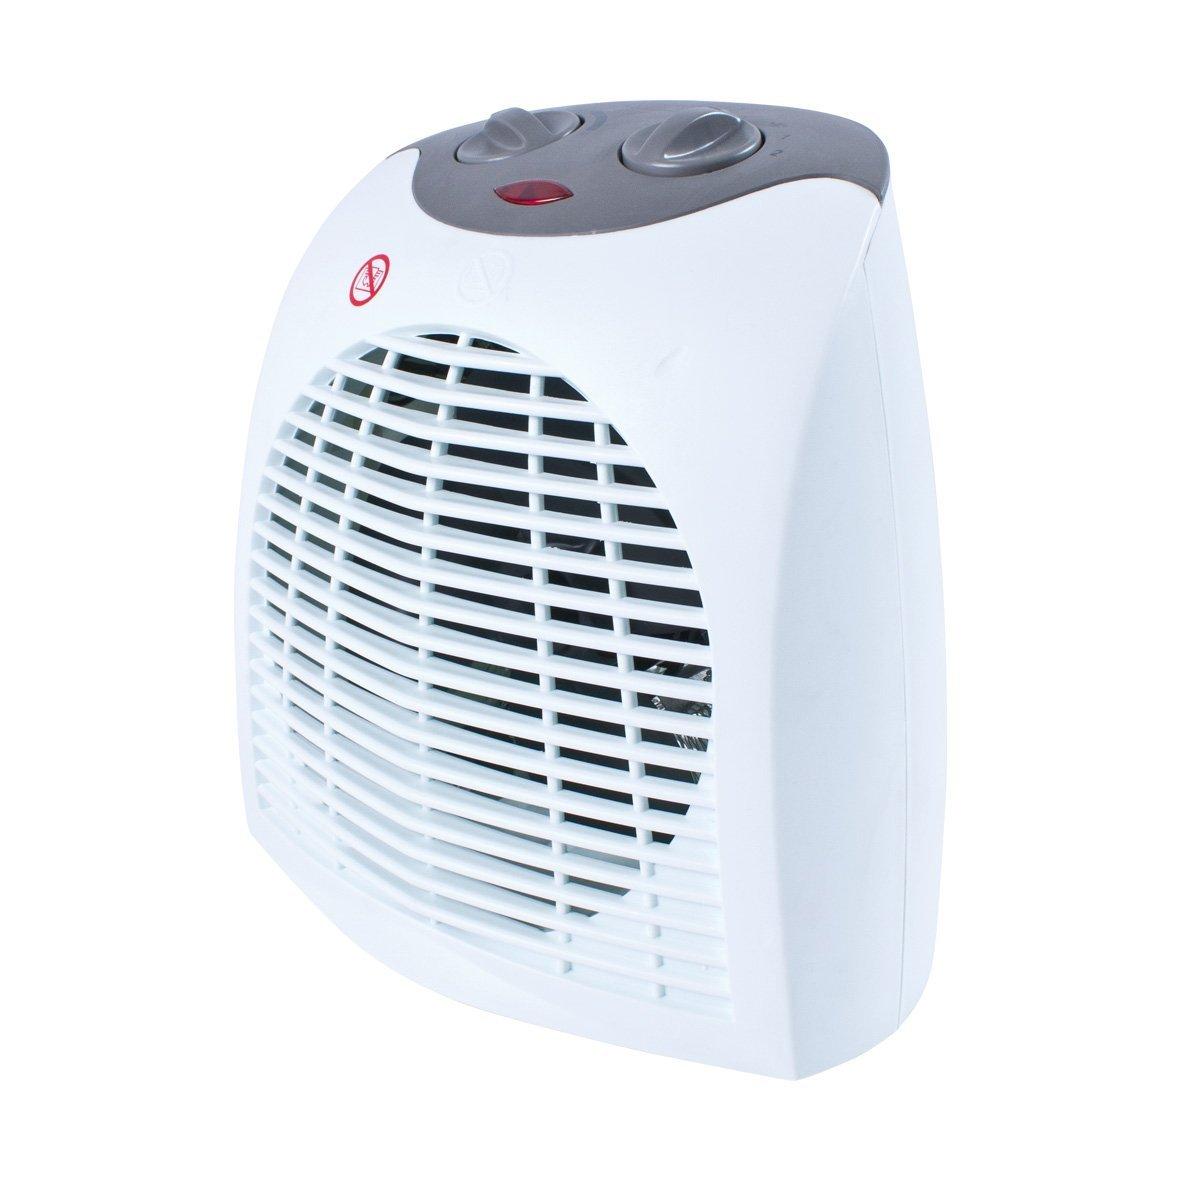 Silentnight 38420 Fan Heater 2000 W Buy Online In Gambia